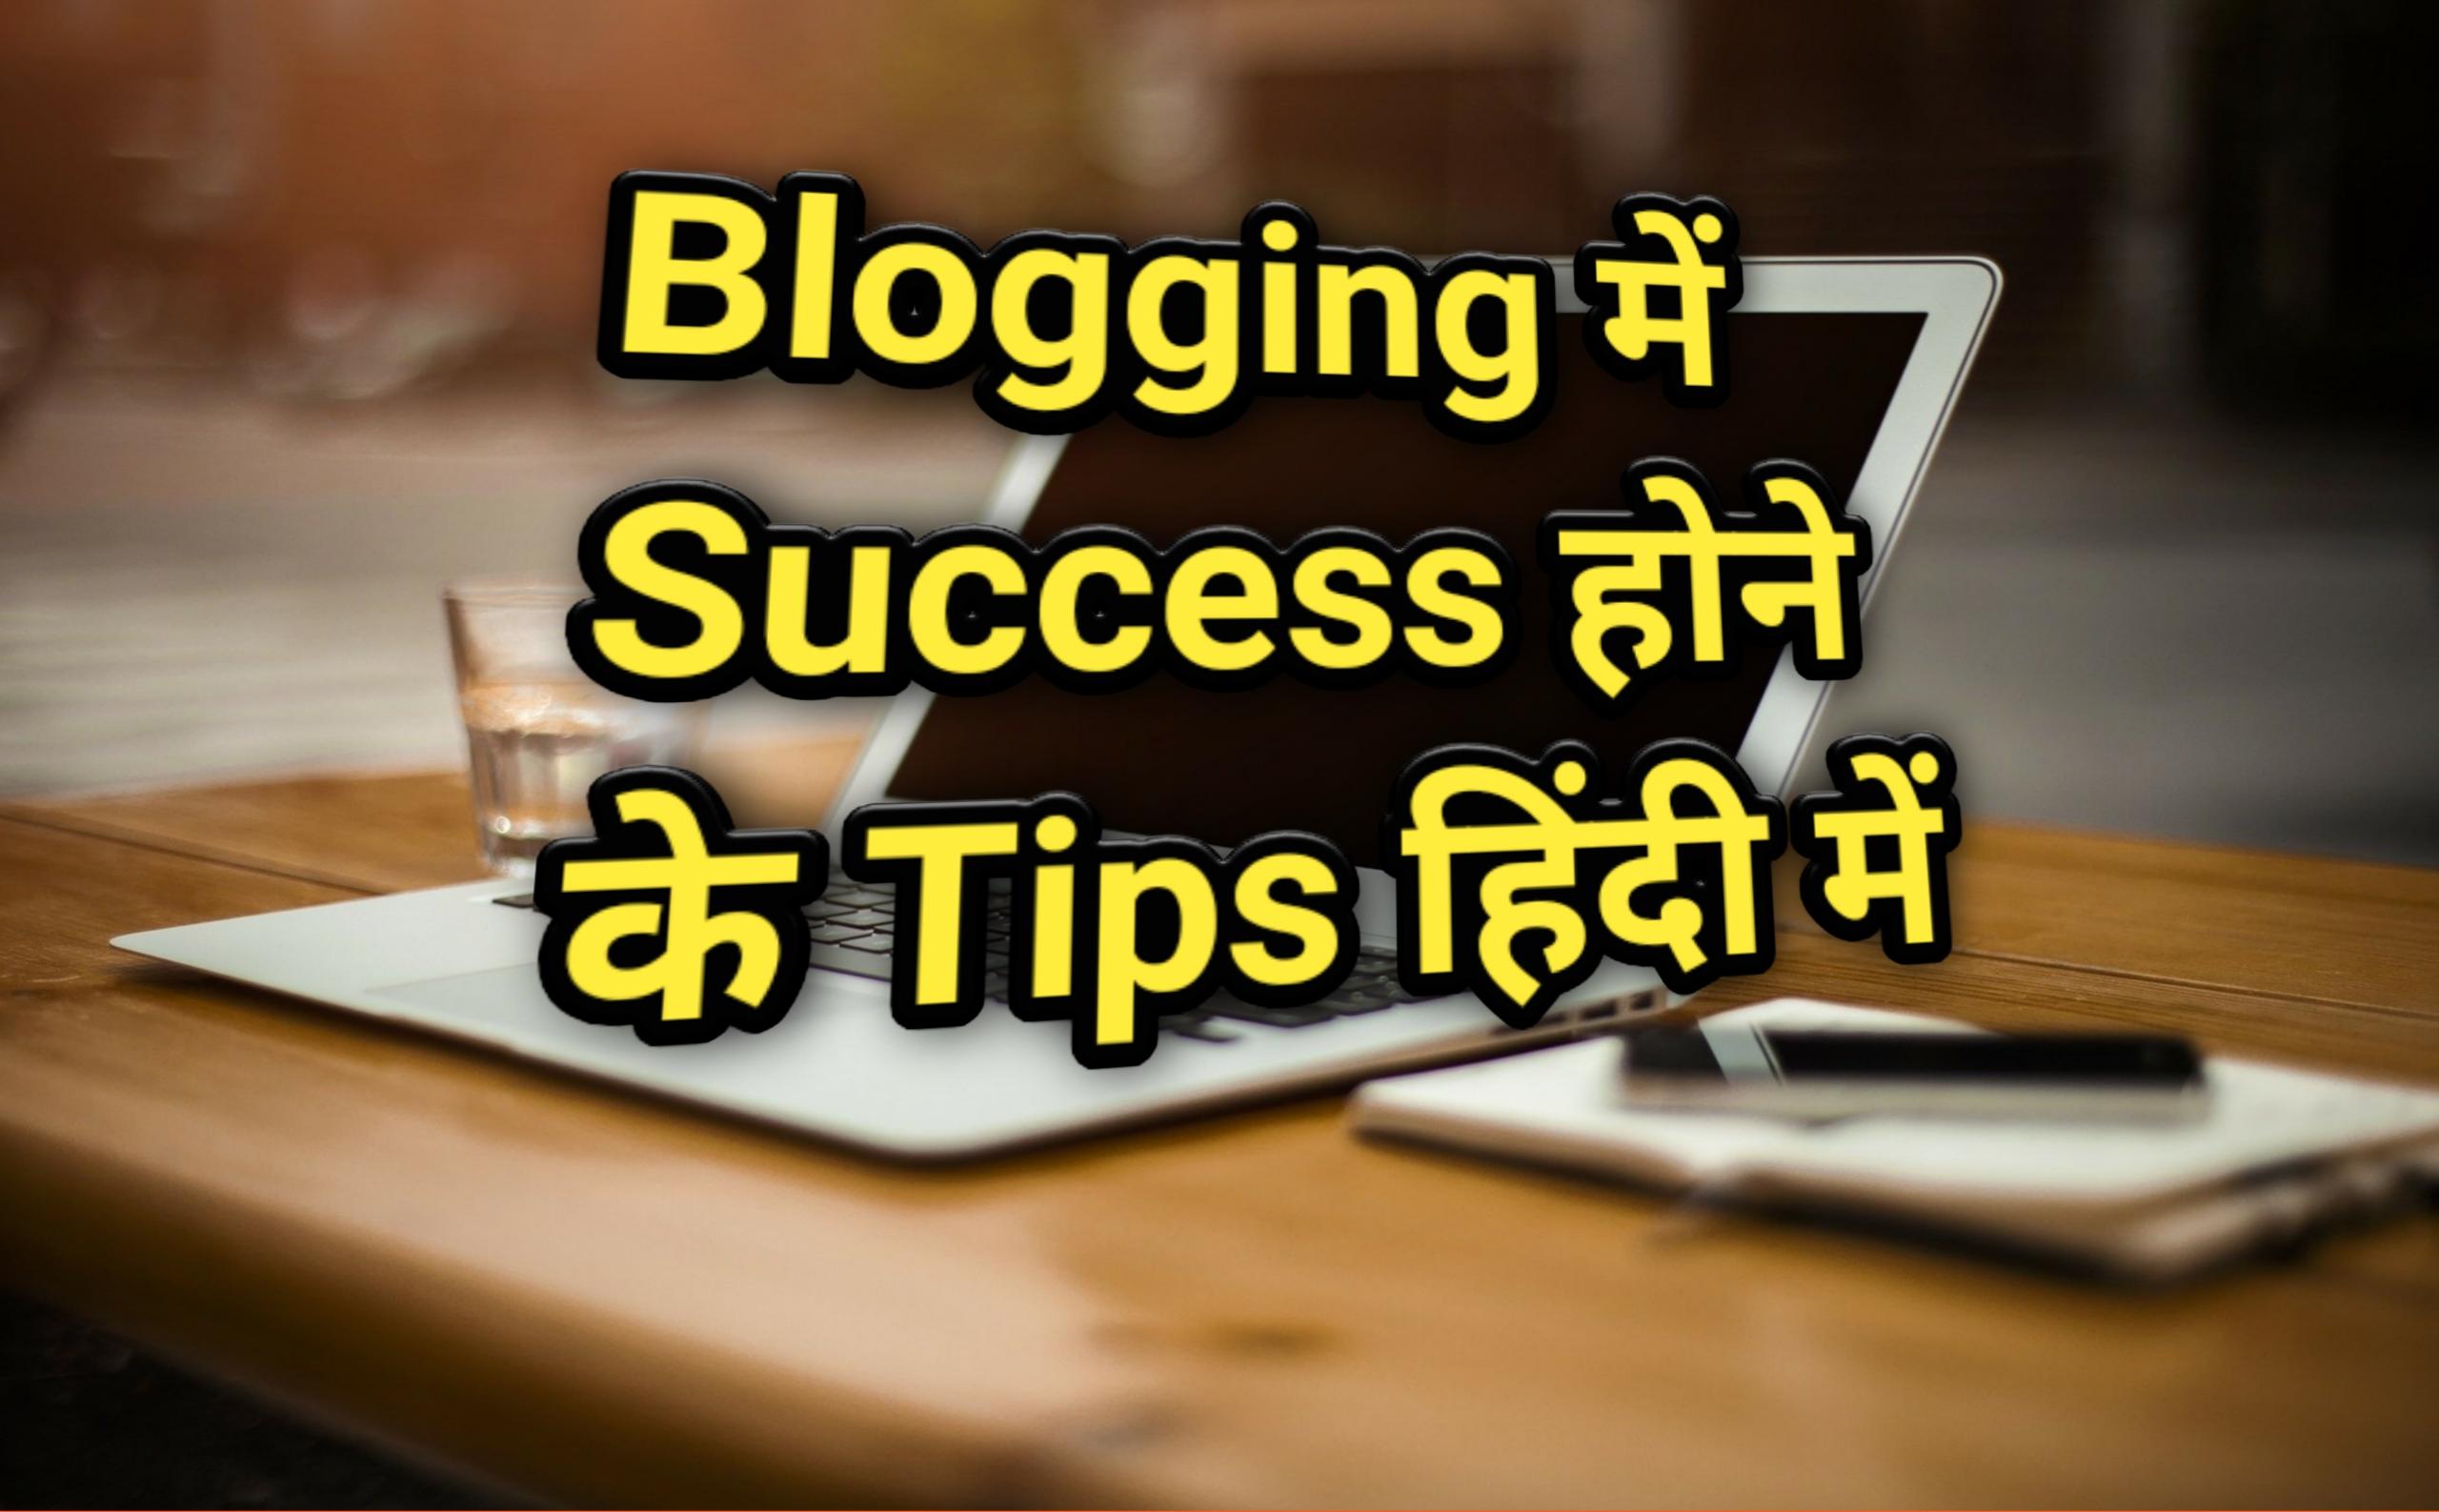 Blogging Tips hindi 2020 | ब्लॉगिंग में टॉप 10 जरूरी बातें हिंदी में